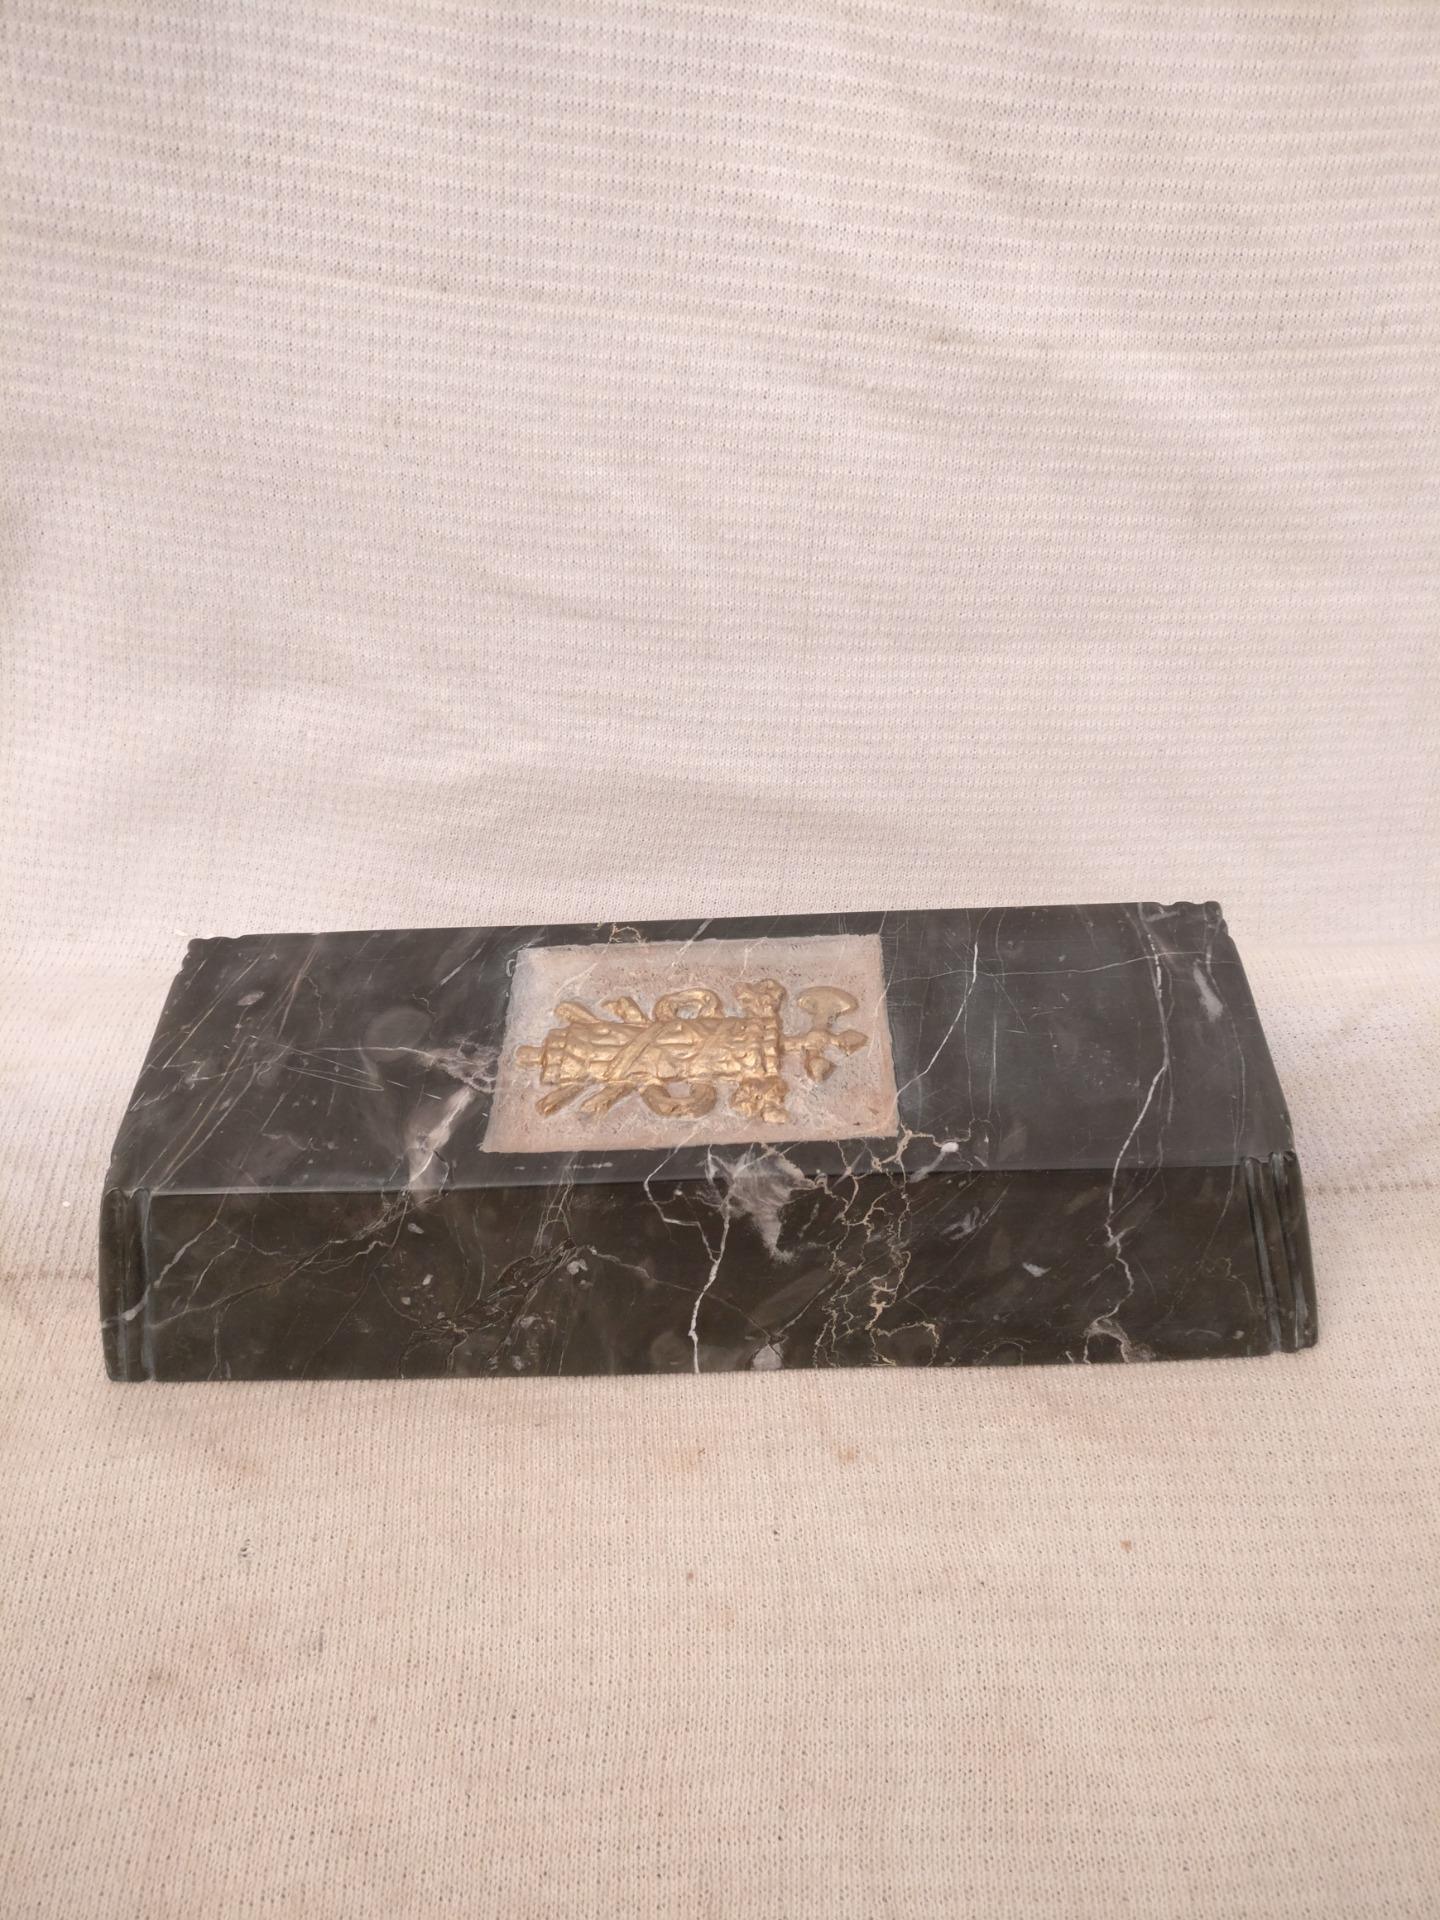 thumb8|Straordinario Portasigari Fascista in marmo nero marquinia con particolare intarsio - Roma - Periodo fascista - 30 x 11,5 x h 6 cm